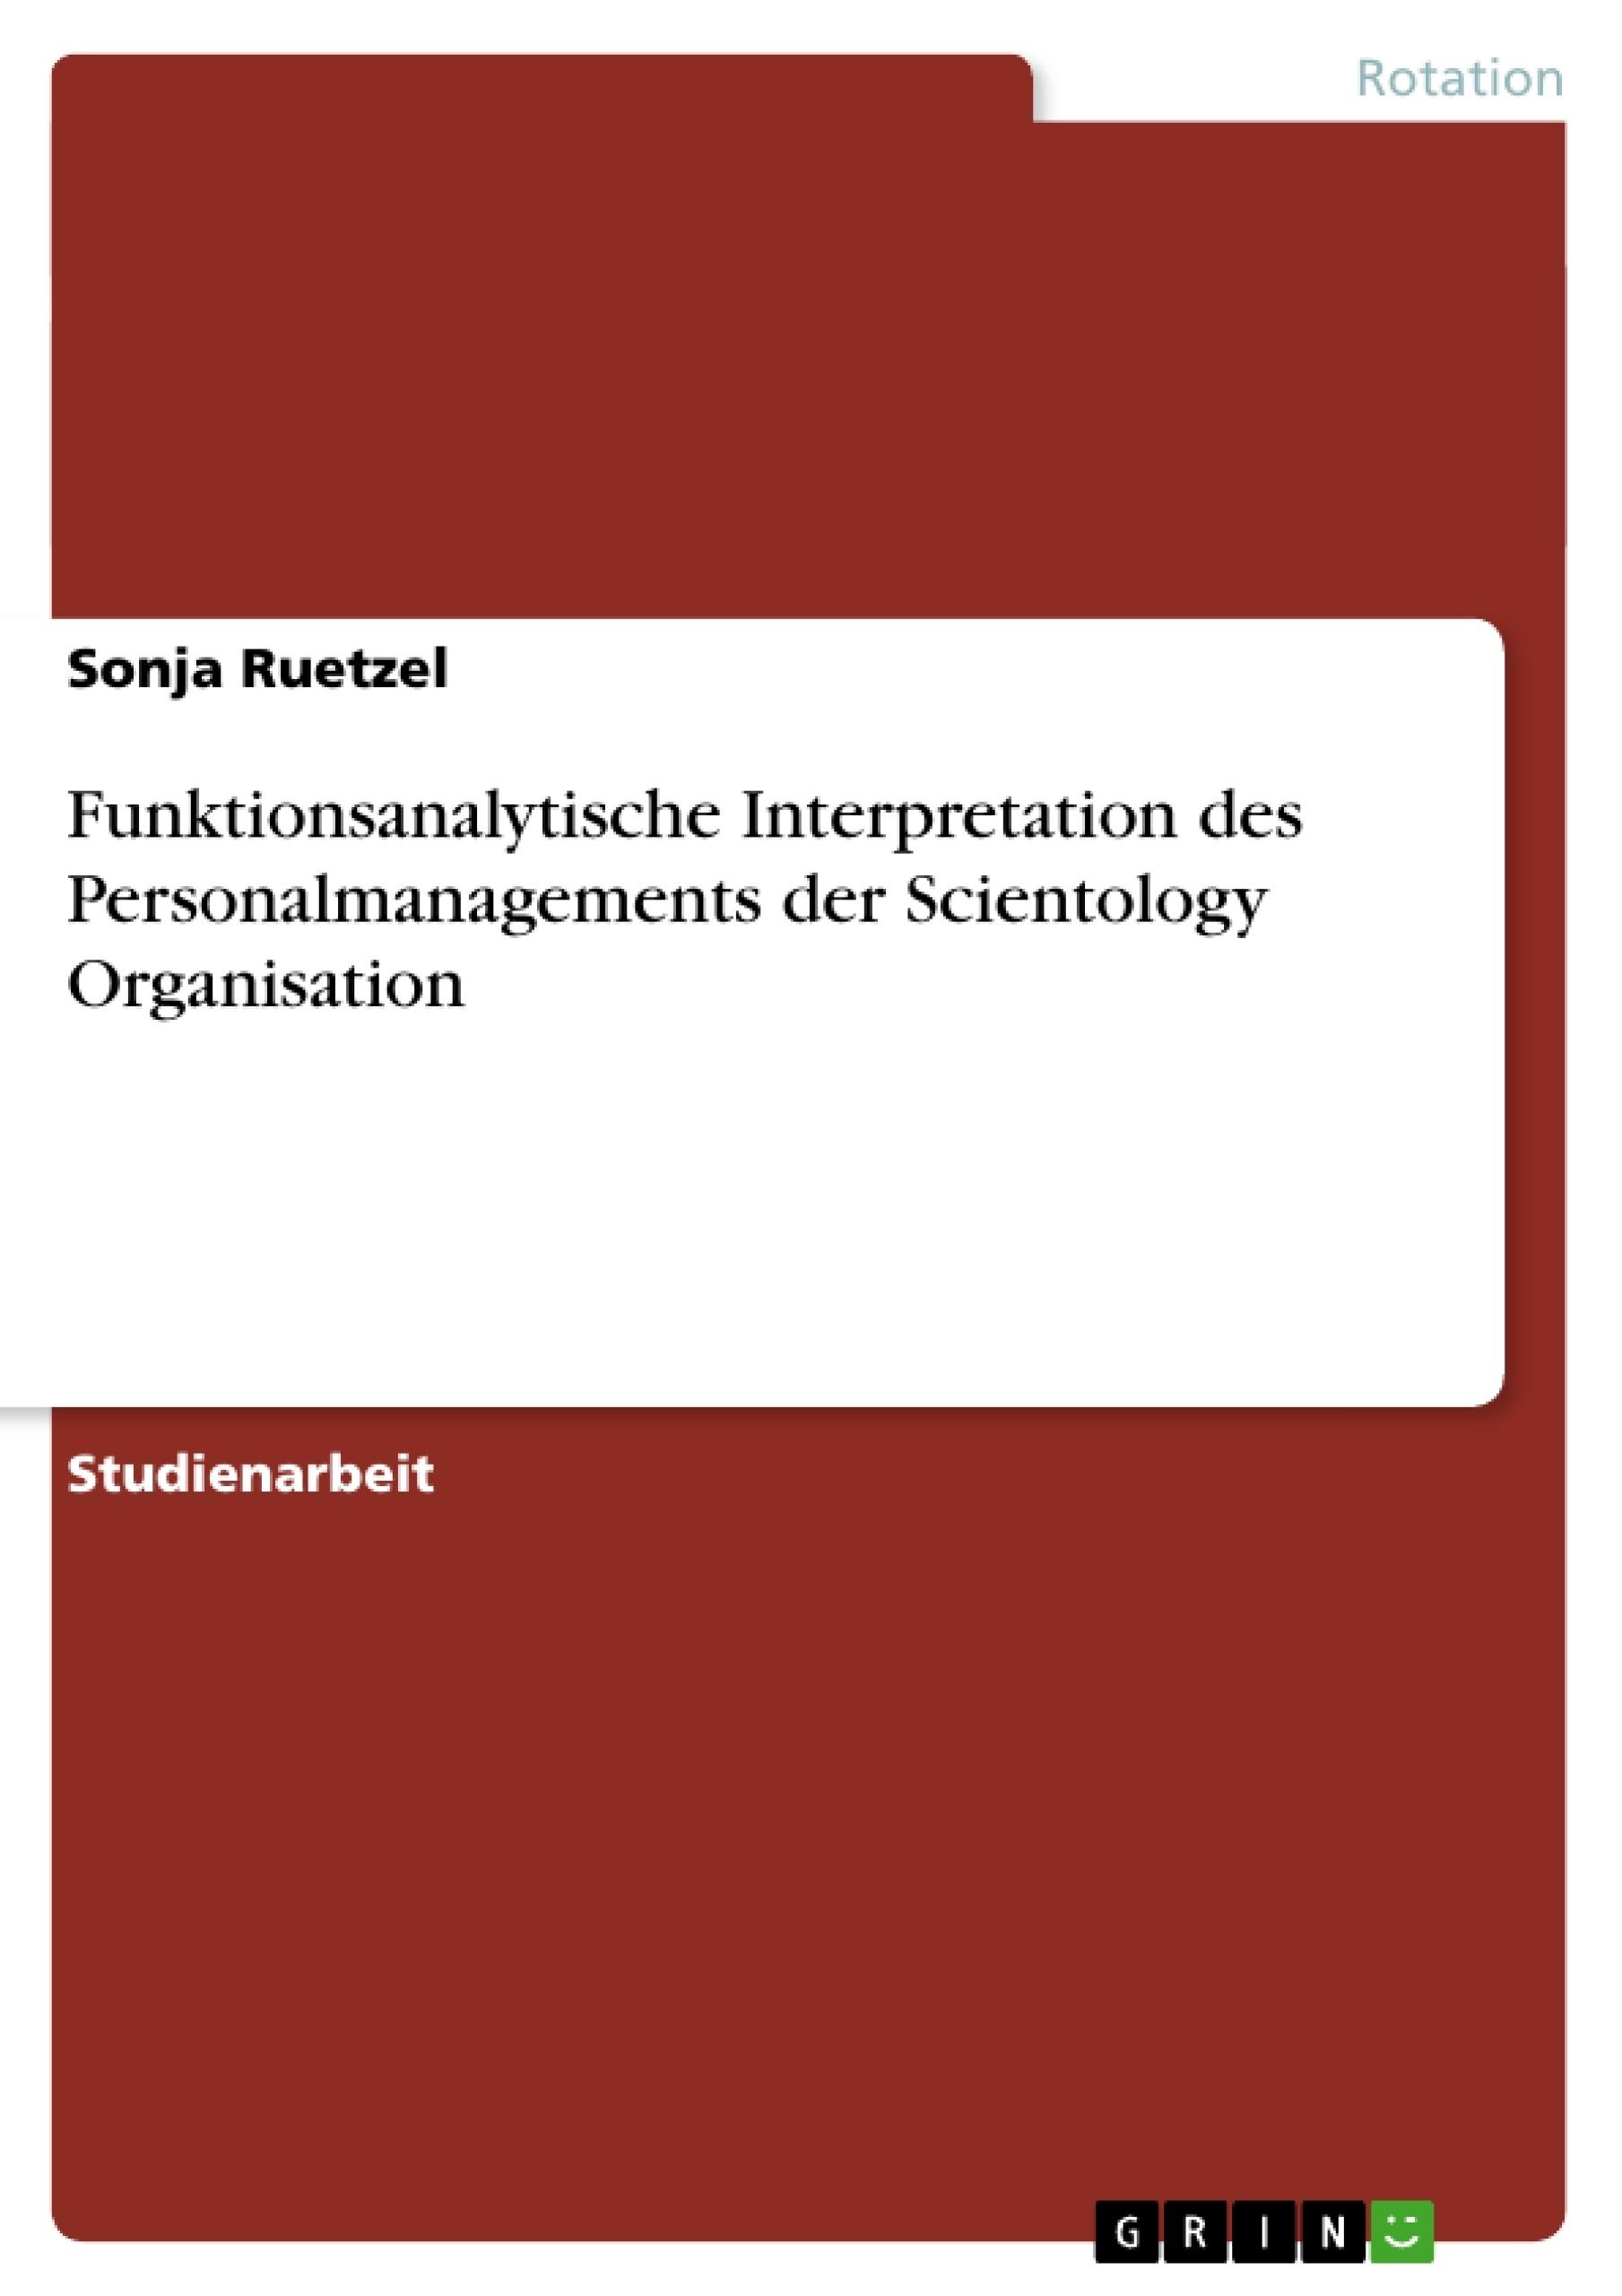 Titel: Funktionsanalytische Interpretation des Personalmanagements der Scientology Organisation